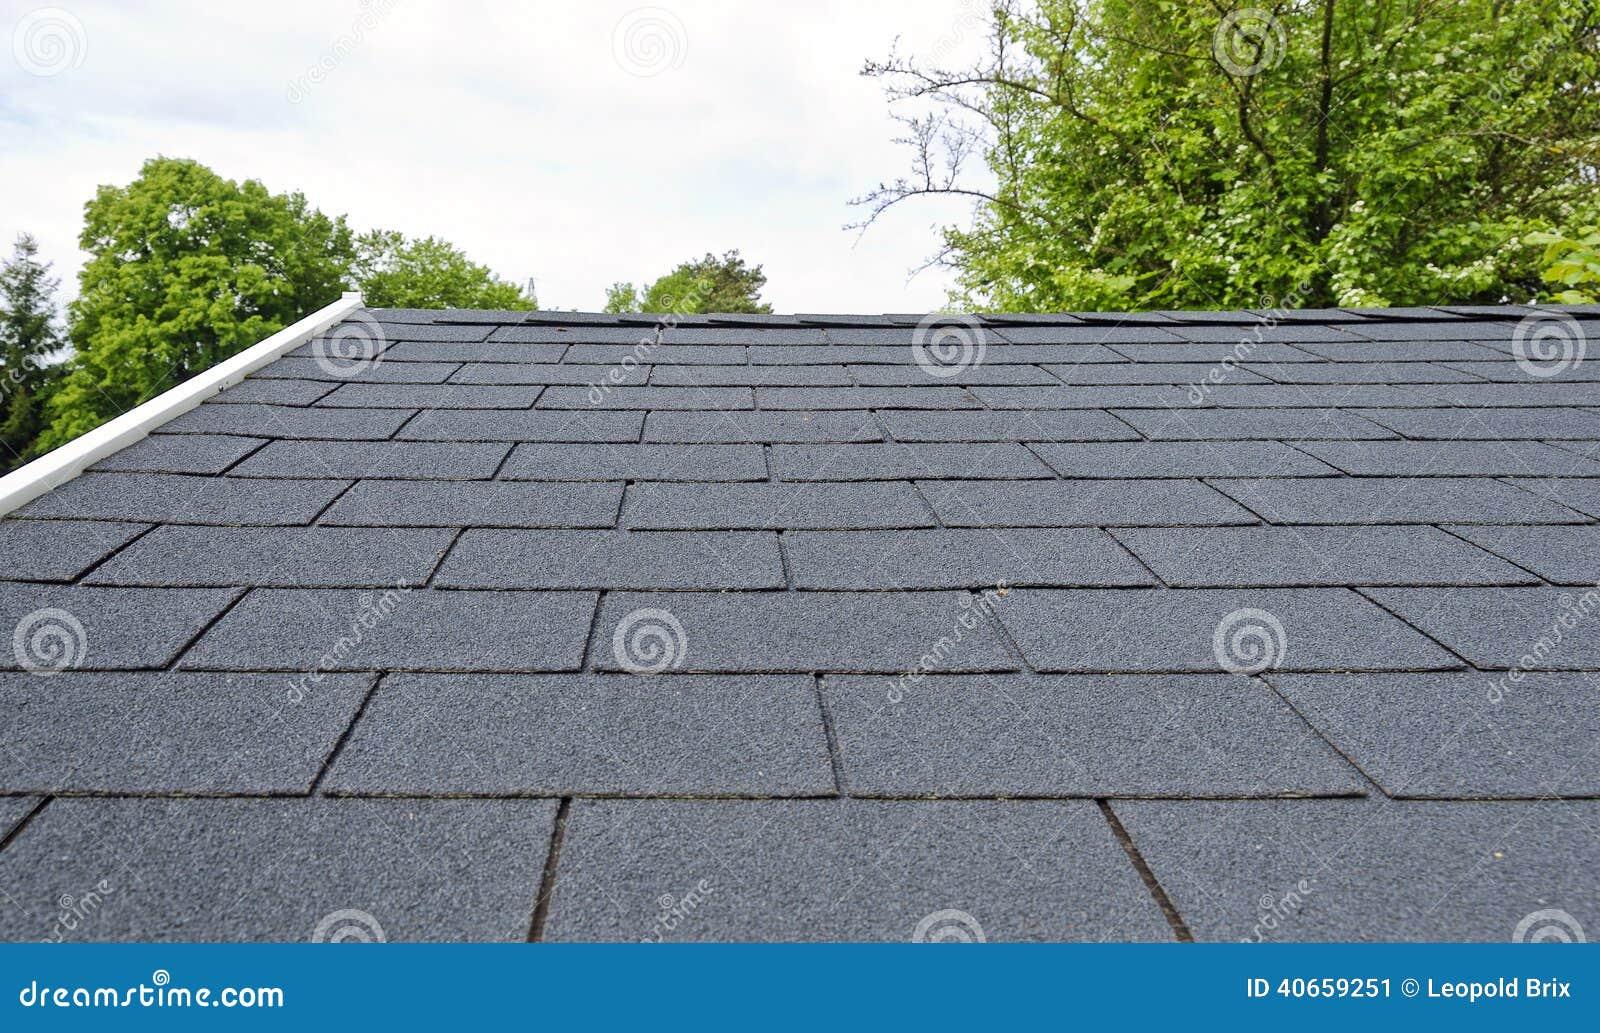 schwarze bitumendachschindeln stockbild bild von schindel schwarzes 40659251. Black Bedroom Furniture Sets. Home Design Ideas